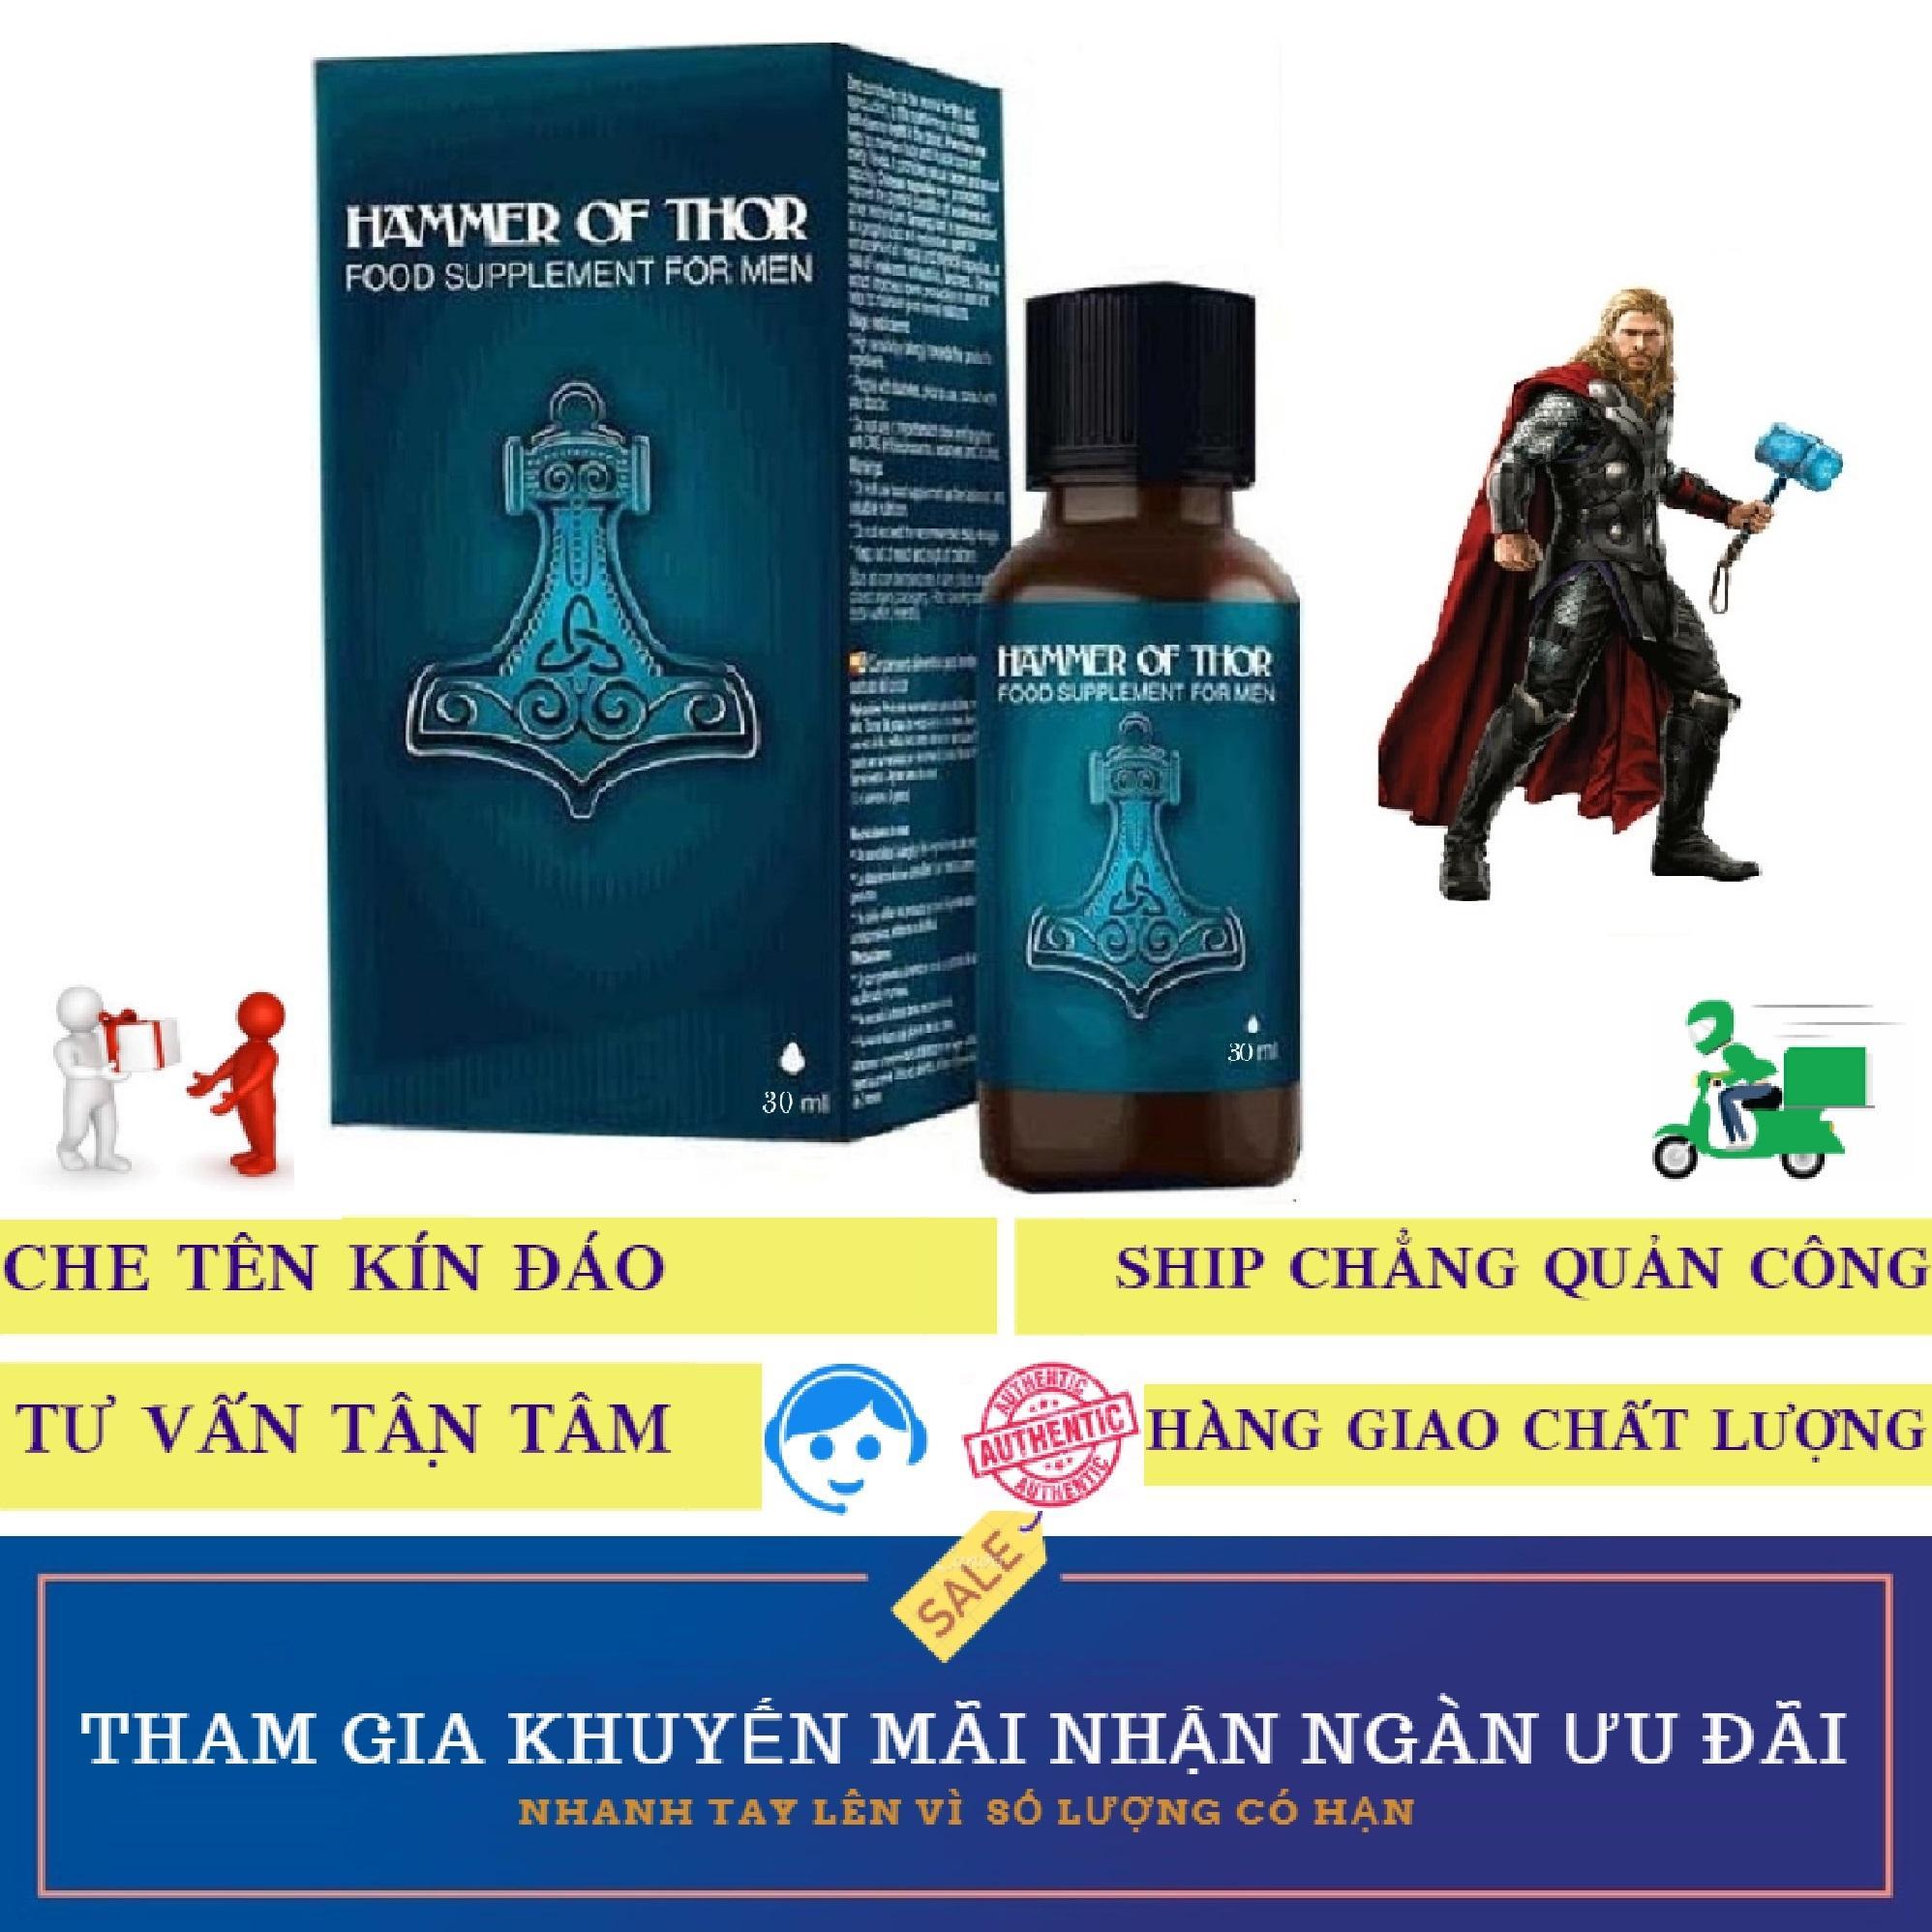 Giọt dưỡng chất Hammer-Of-Thor kéo dài thời gian, tăng sức khỏe sức bền nam giới (chai 30ml)